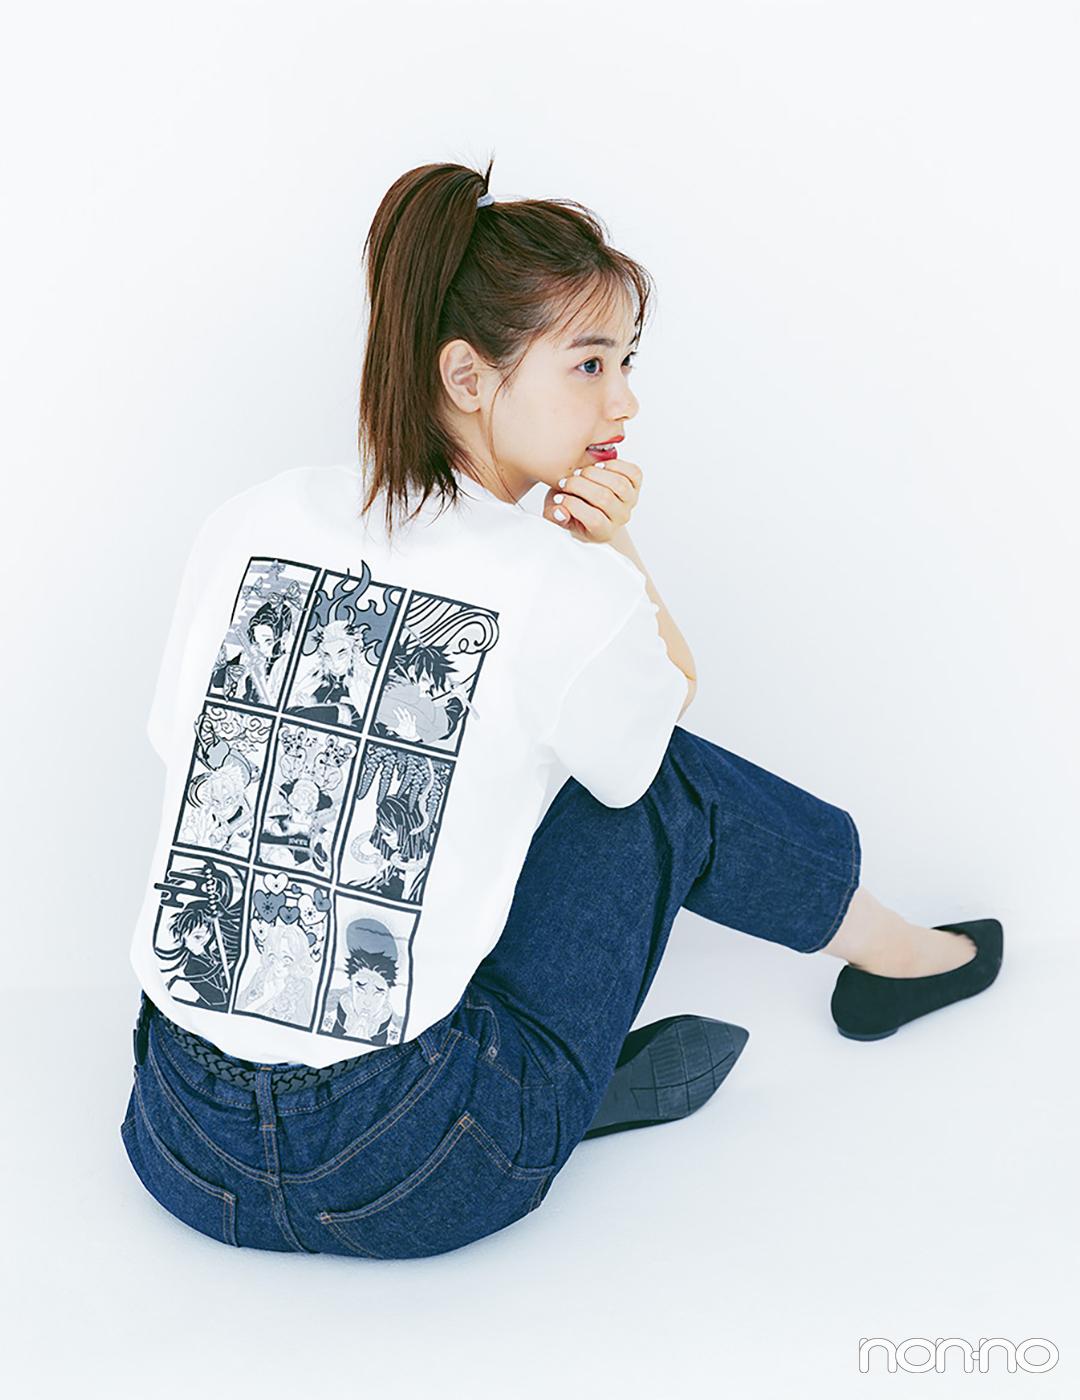 原作漫画のイラストがそのままTシャツに! 西野七瀬が着る ユニクロ「MANGA UT 鬼滅の刃」_1_10